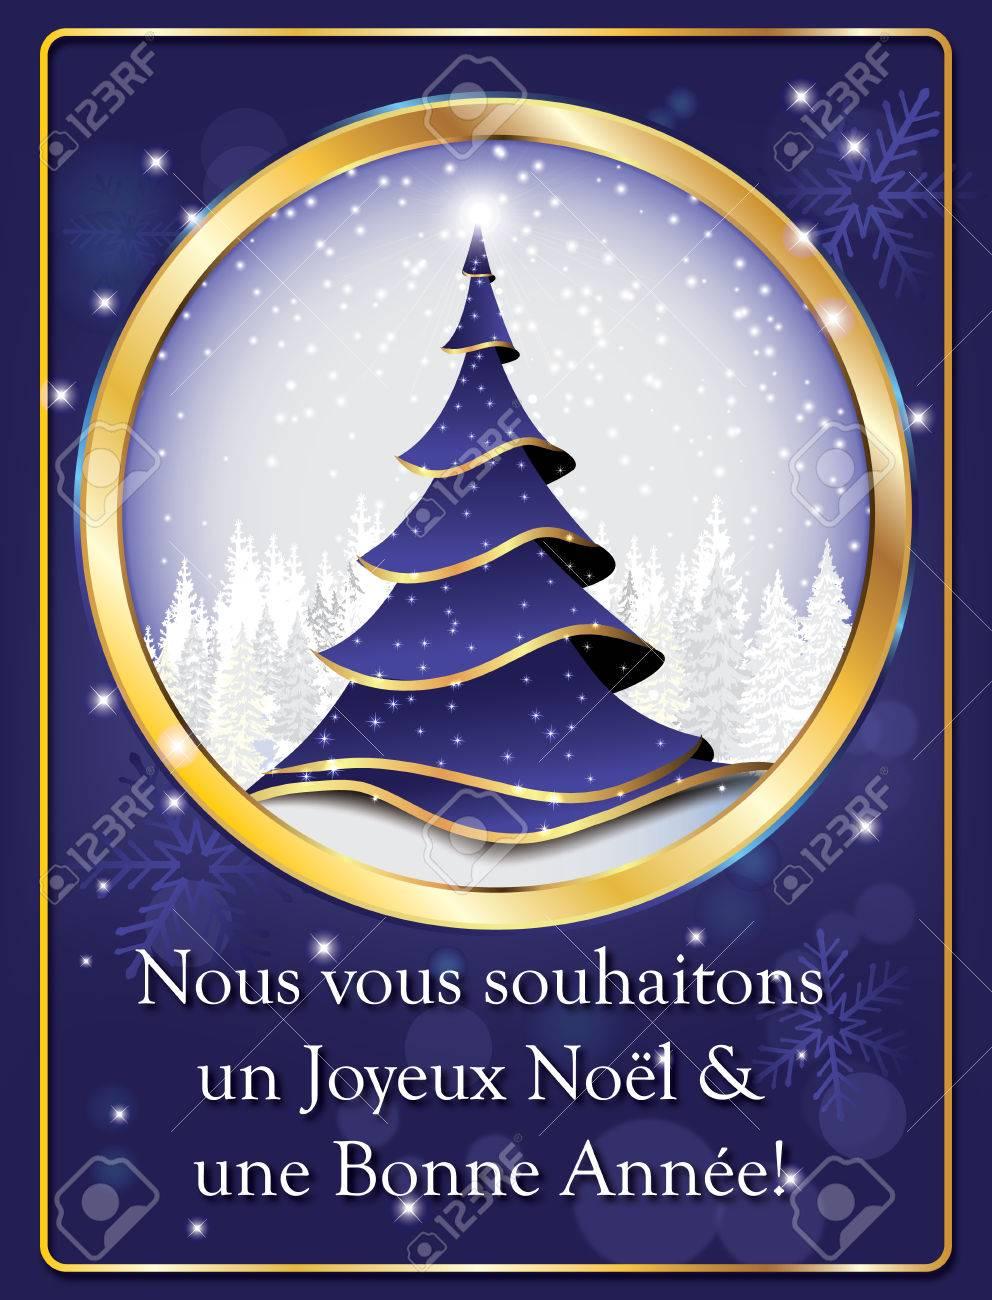 Ich wunsche dir frohe weihnachten auf franzosisch